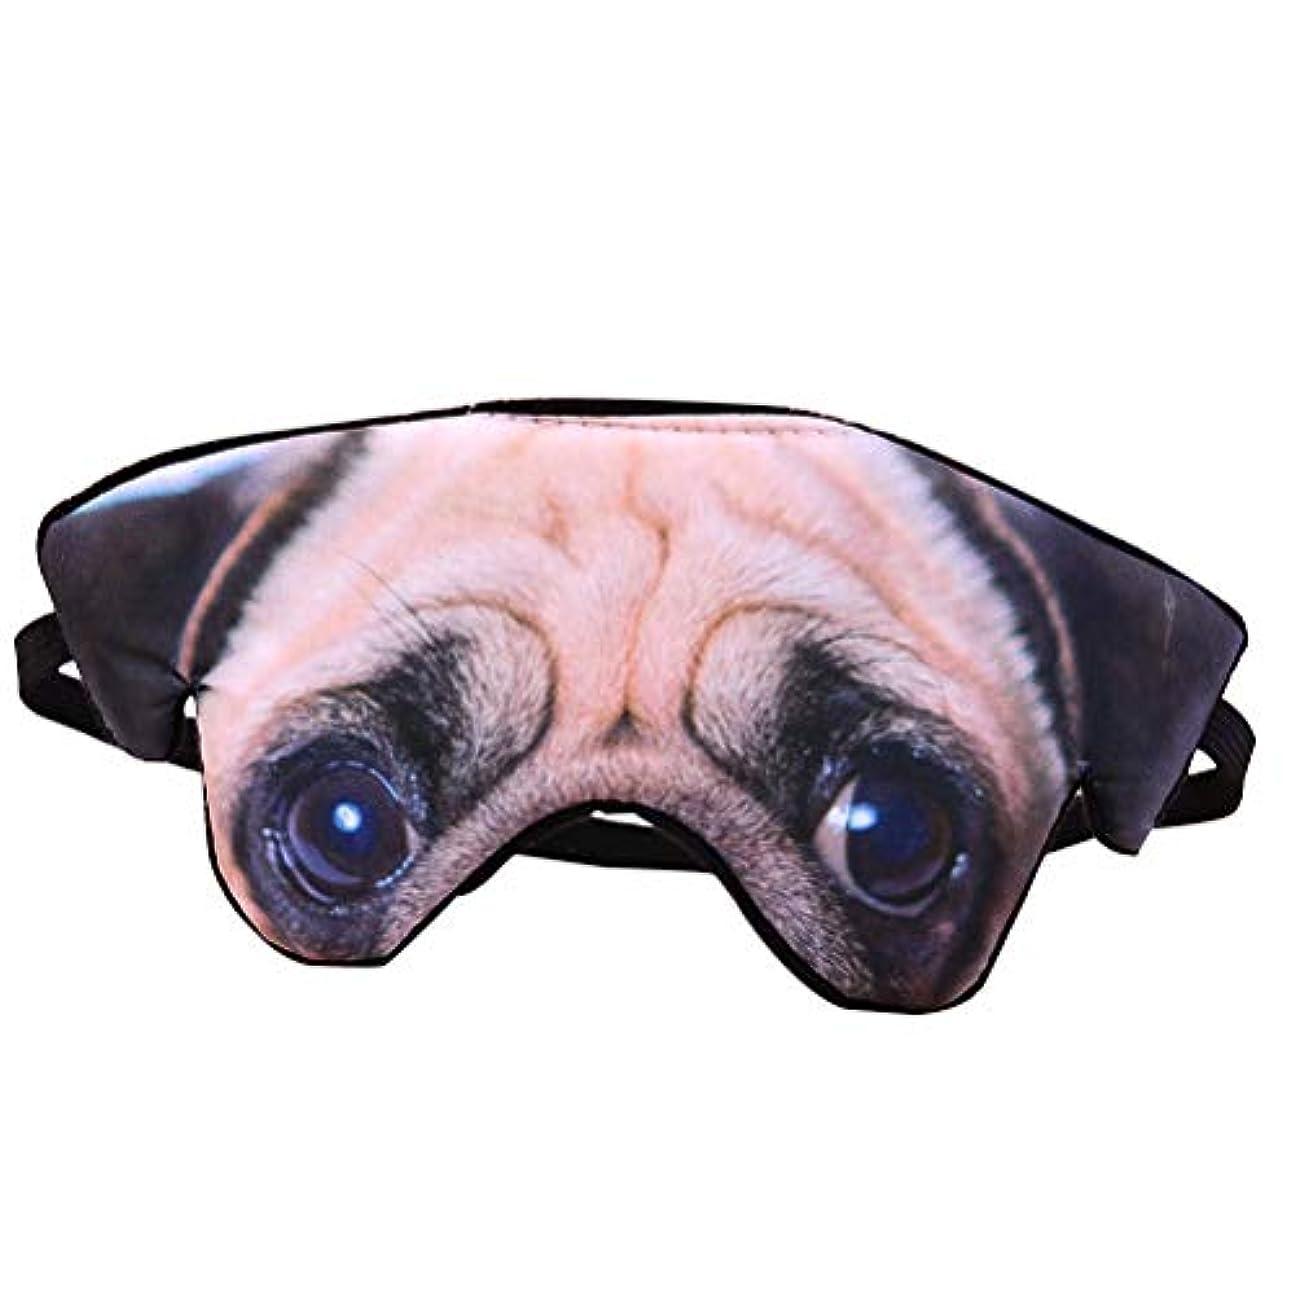 隔離災害裂け目Healifty 3Dアイマスクシェードナップカバー目隠しレストエイド疲労アイパッドスリープゴーグル(Pug)